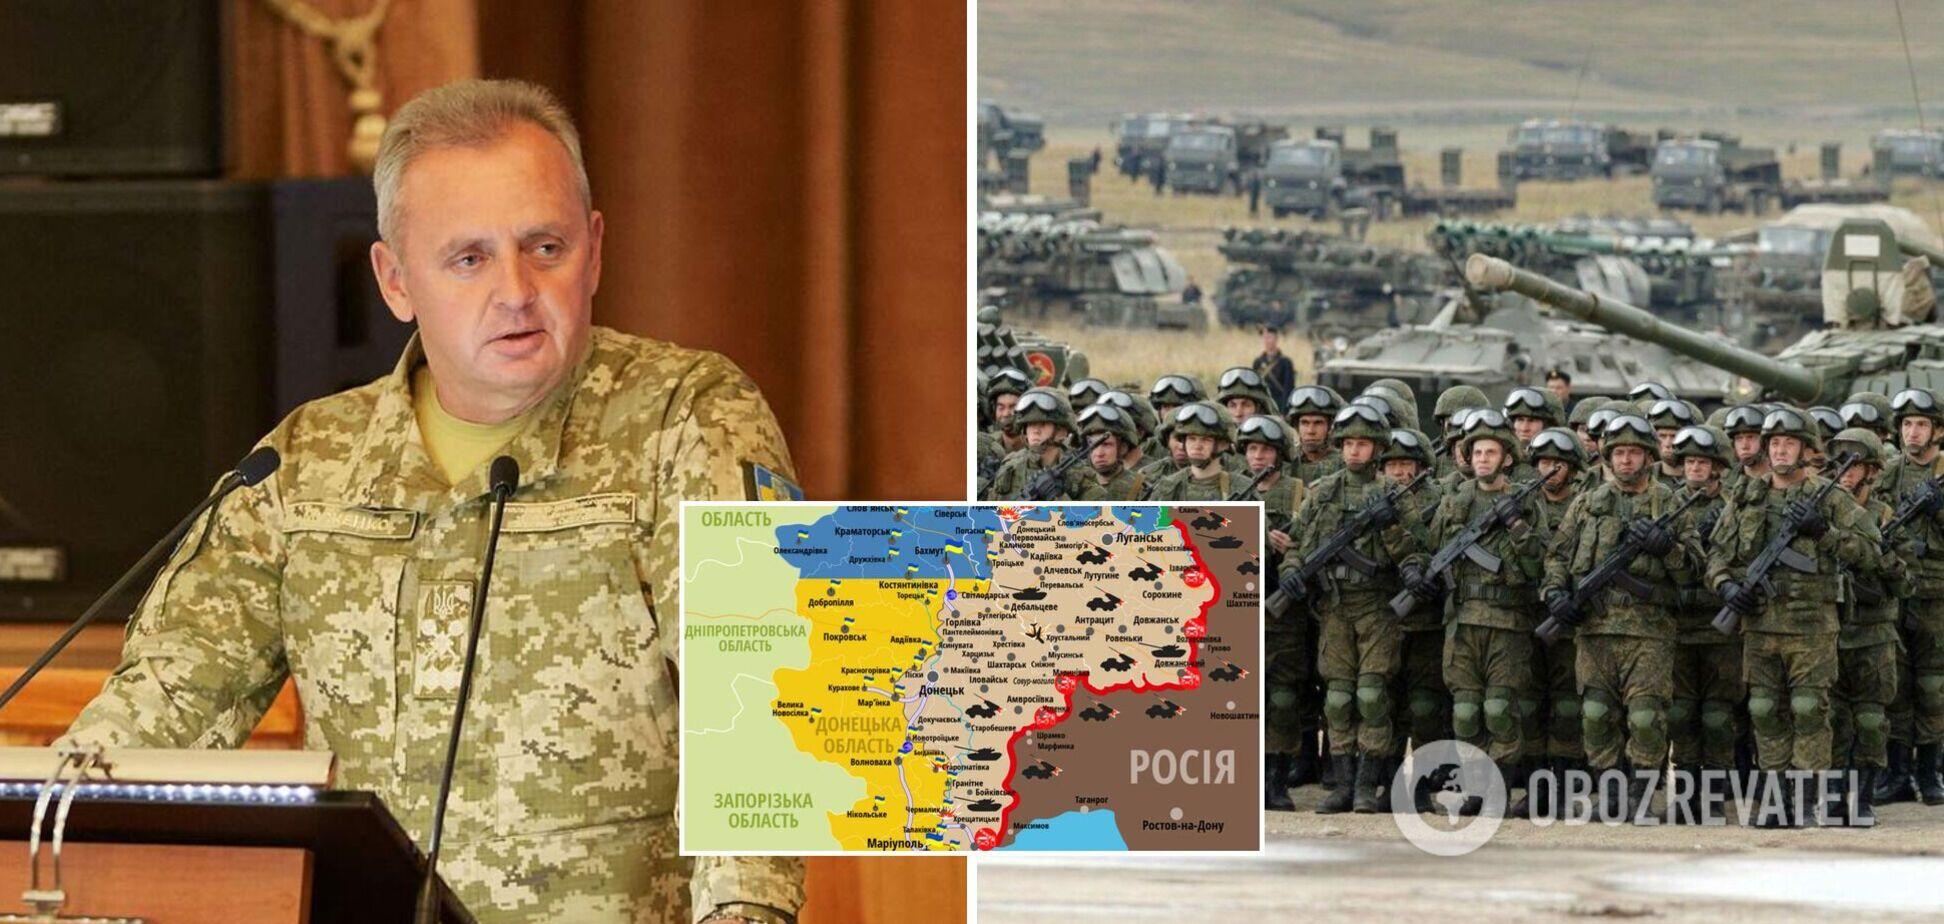 Відведення військ умовне, Росію влаштує будь-який привід для війни, – генерал Муженко